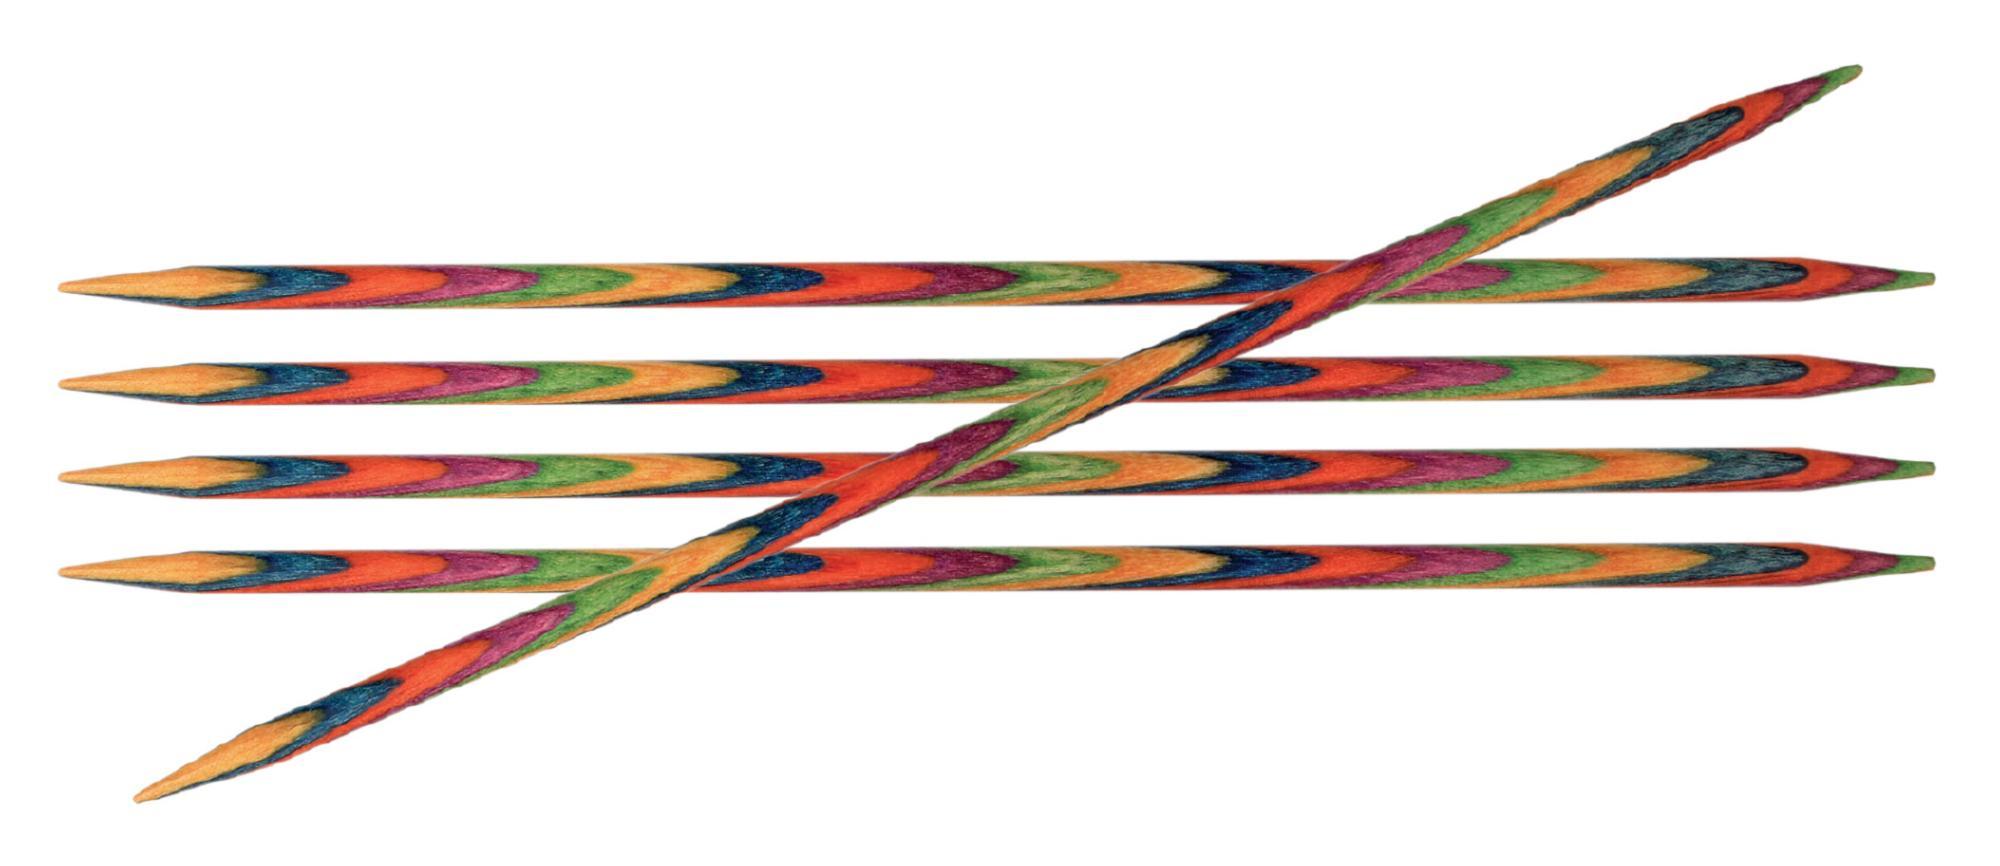 Спицы носочные 20 см Symfonie Wood KnitPro, 20108, 3.75 мм